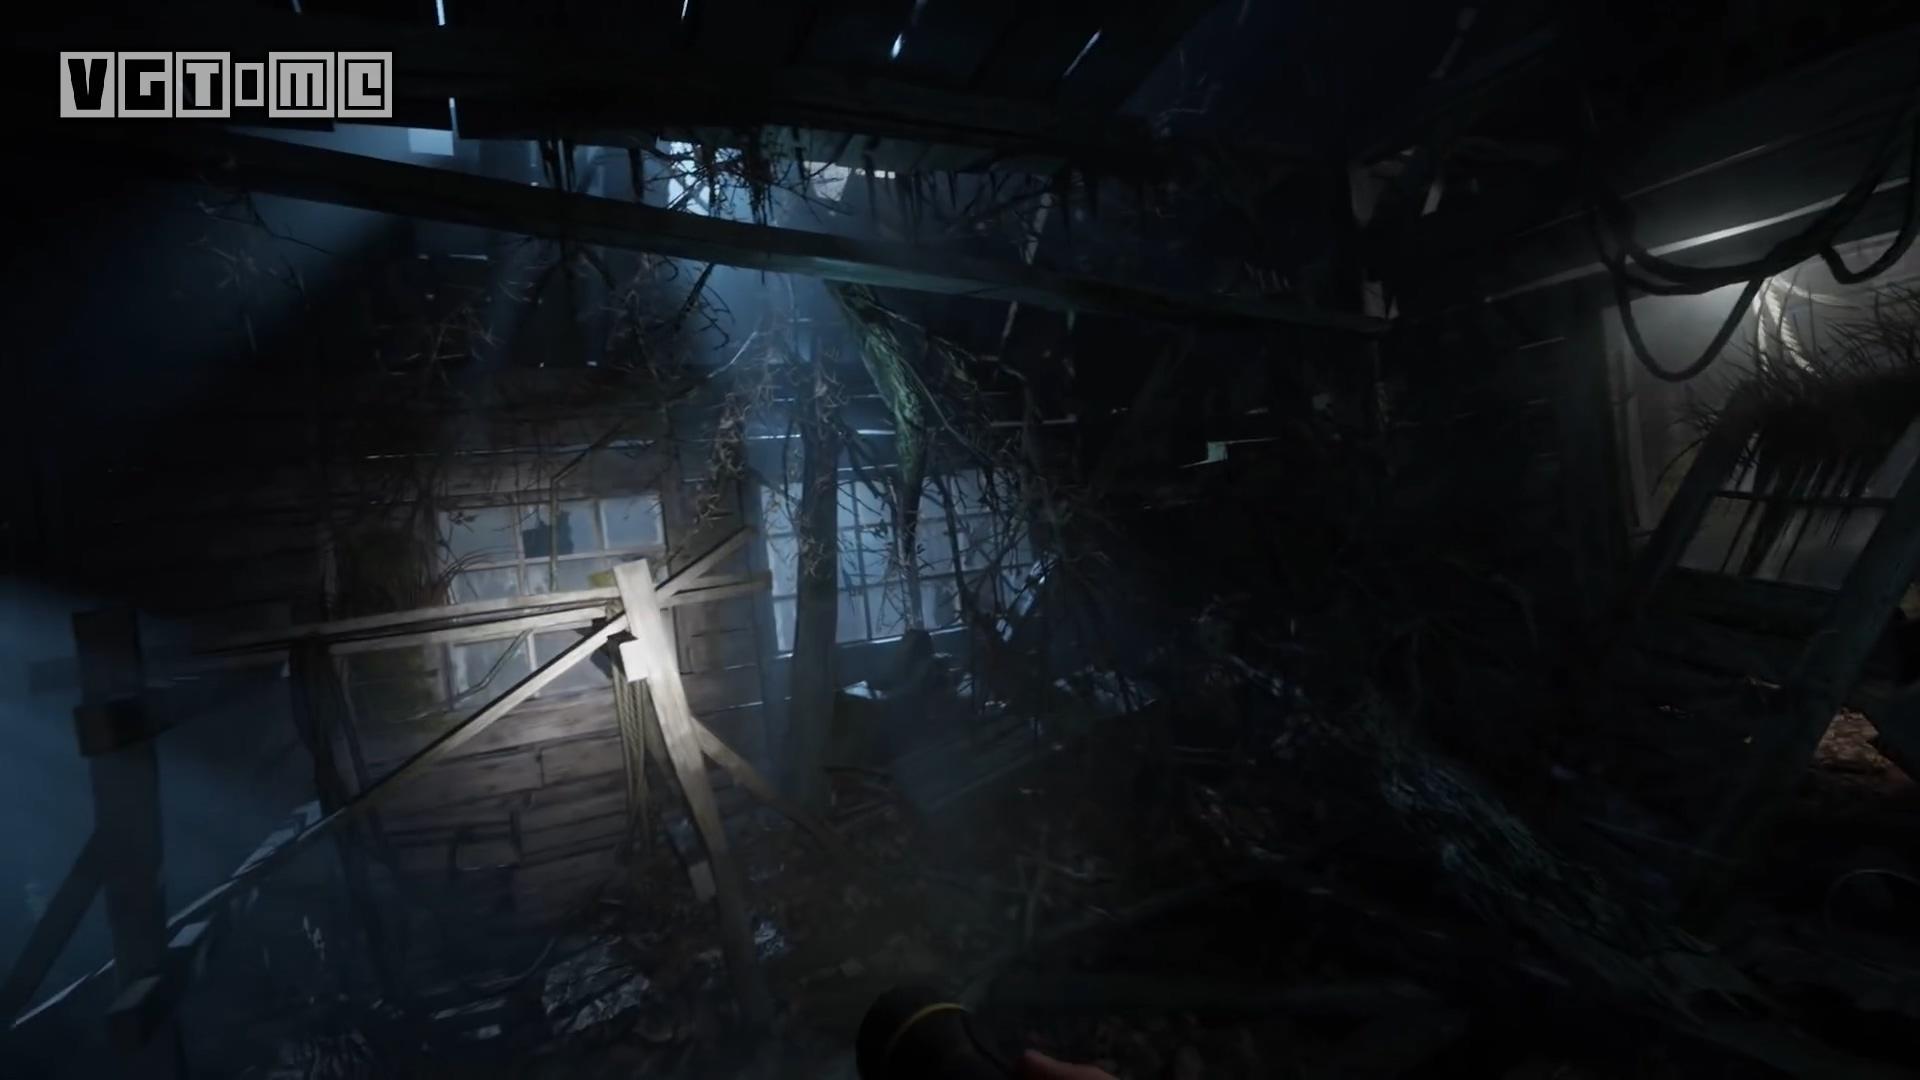 同名电影改编游戏《女巫布莱尔》公布 第一人称恐怖之旅